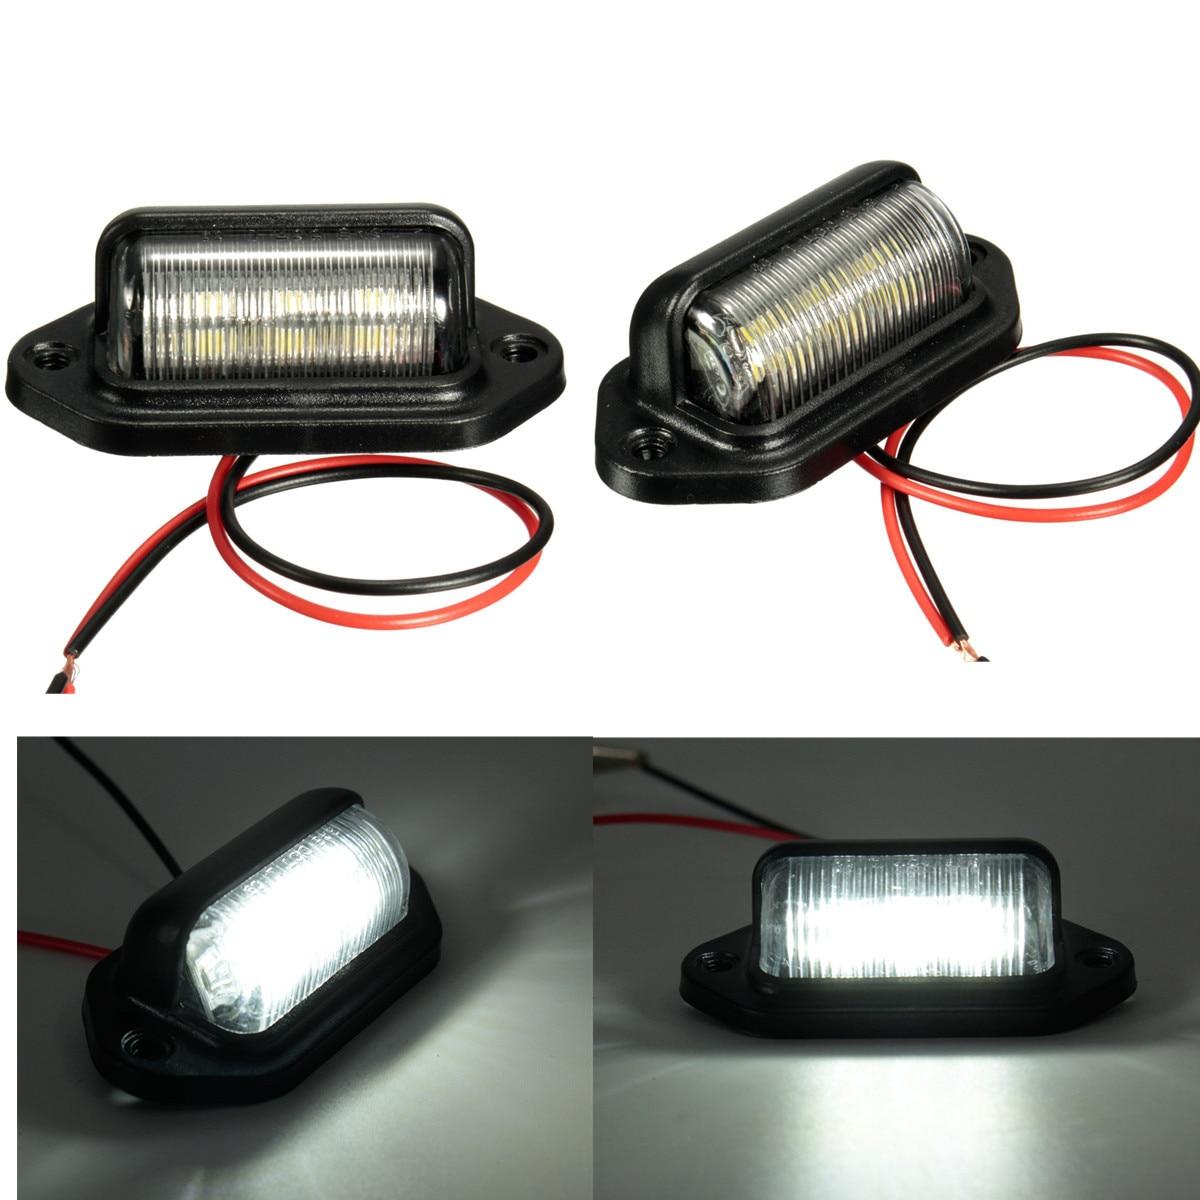 Номерной знак светильник номерного знака светильник лампы для лодки мотоцикла автомобильной самолета RV грузовик с прицепом, 12V 6 светодиодо...